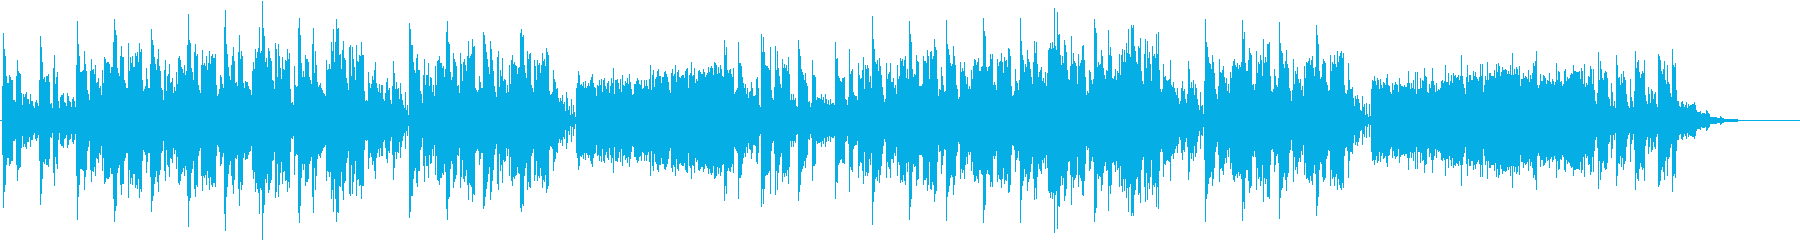 寂しいイメージのフュージョンの再生済みの波形